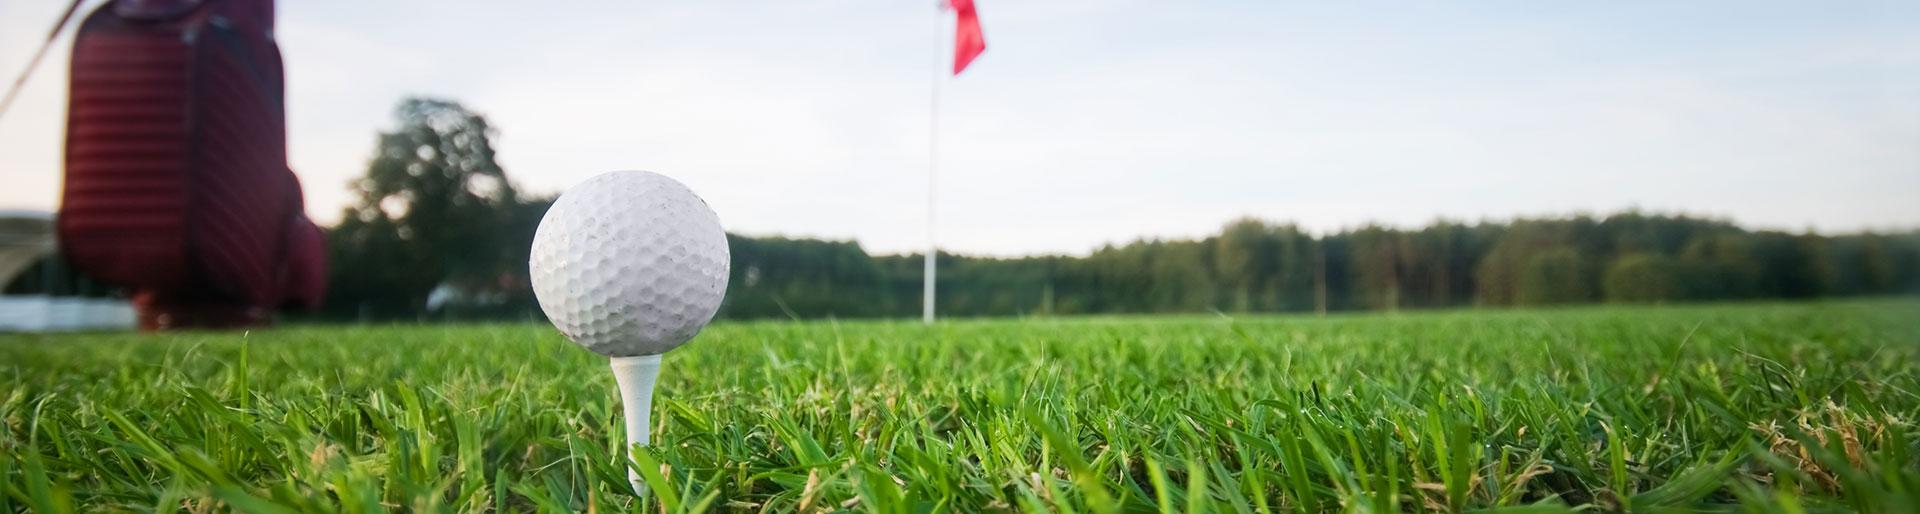 CS JGESSE - Balle de golf sur un terrain